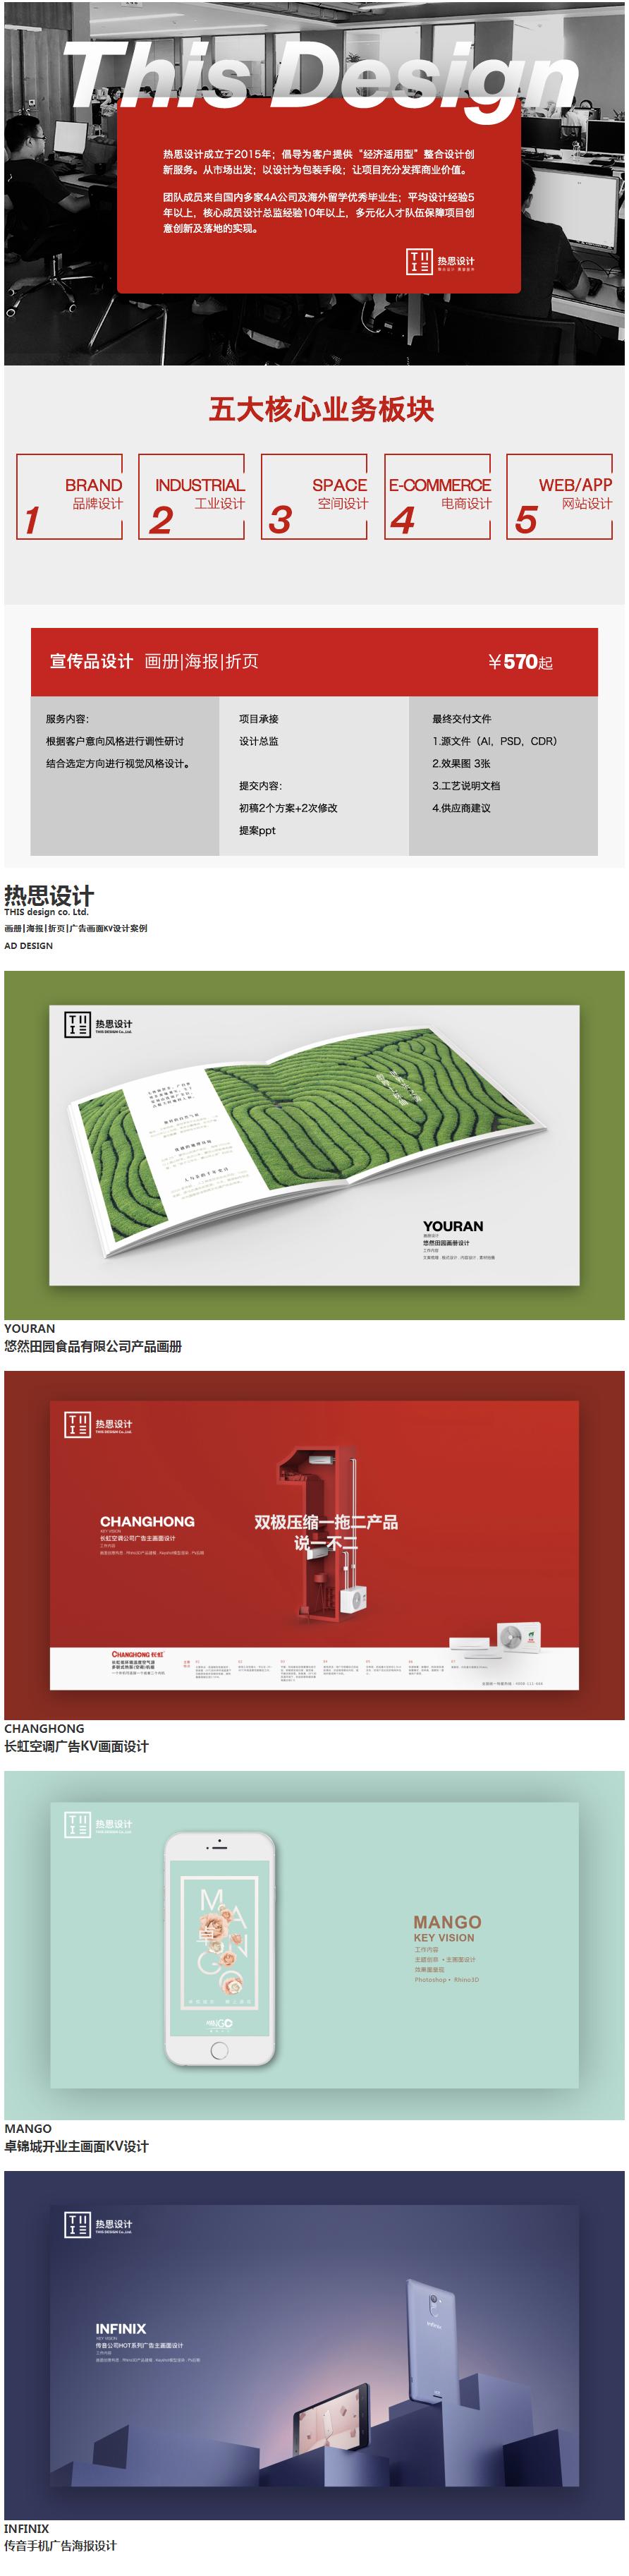 【原创】AD广告设计—海报_广告_主画面KV_折页_画册—两套版式方案_热思设计服务列表_一品威客网.png